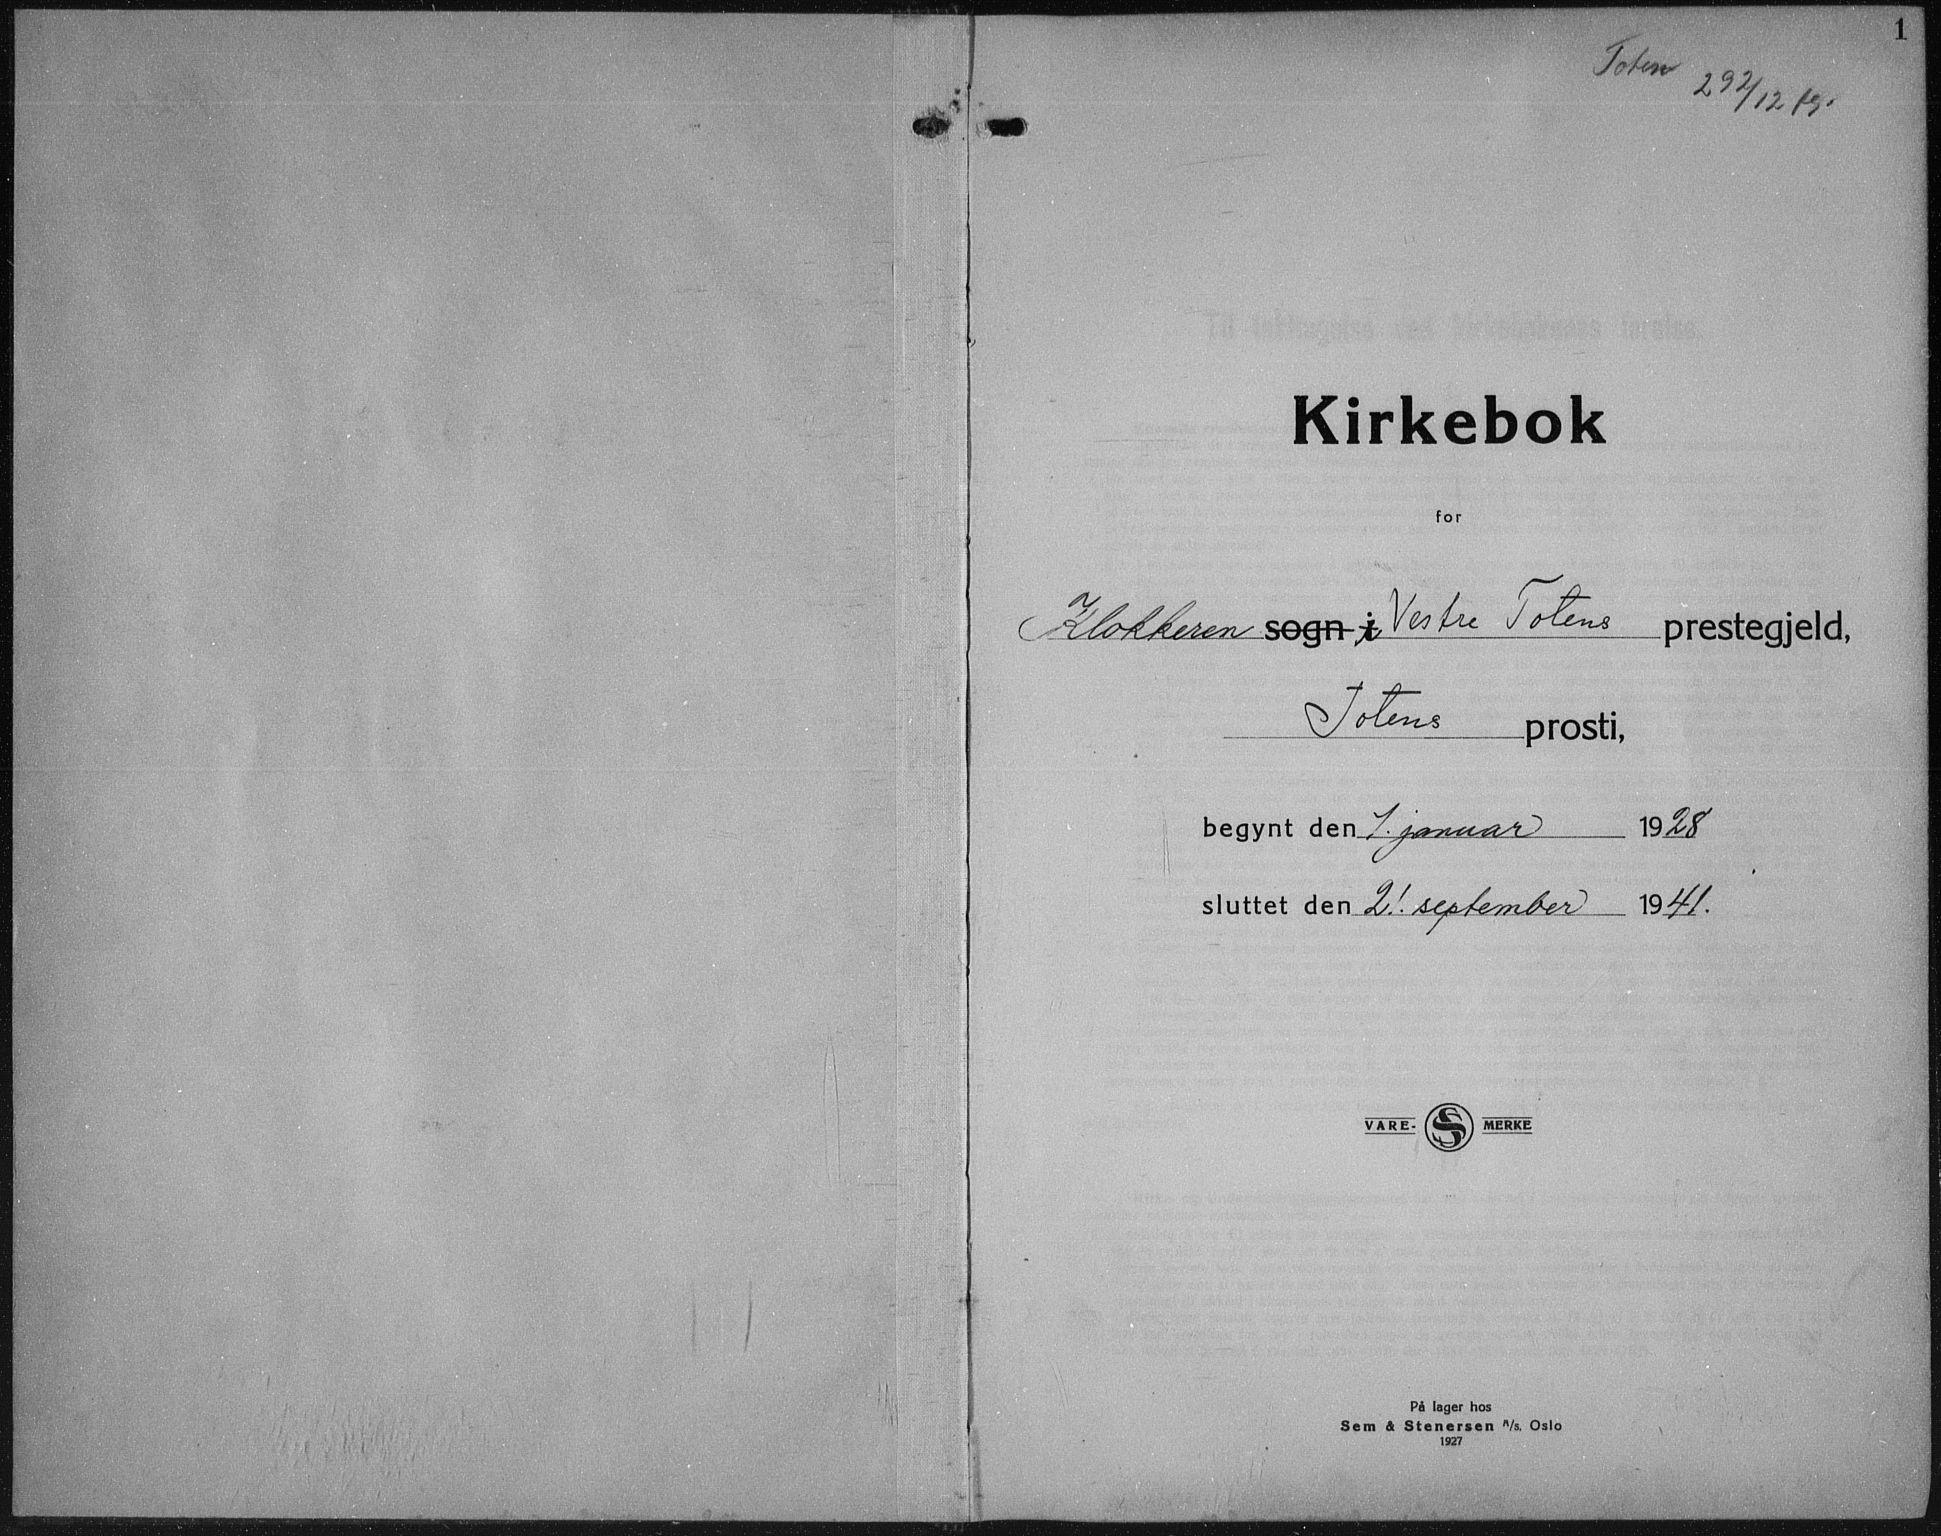 SAH, Vestre Toten prestekontor, Klokkerbok nr. 18, 1928-1941, s. 1